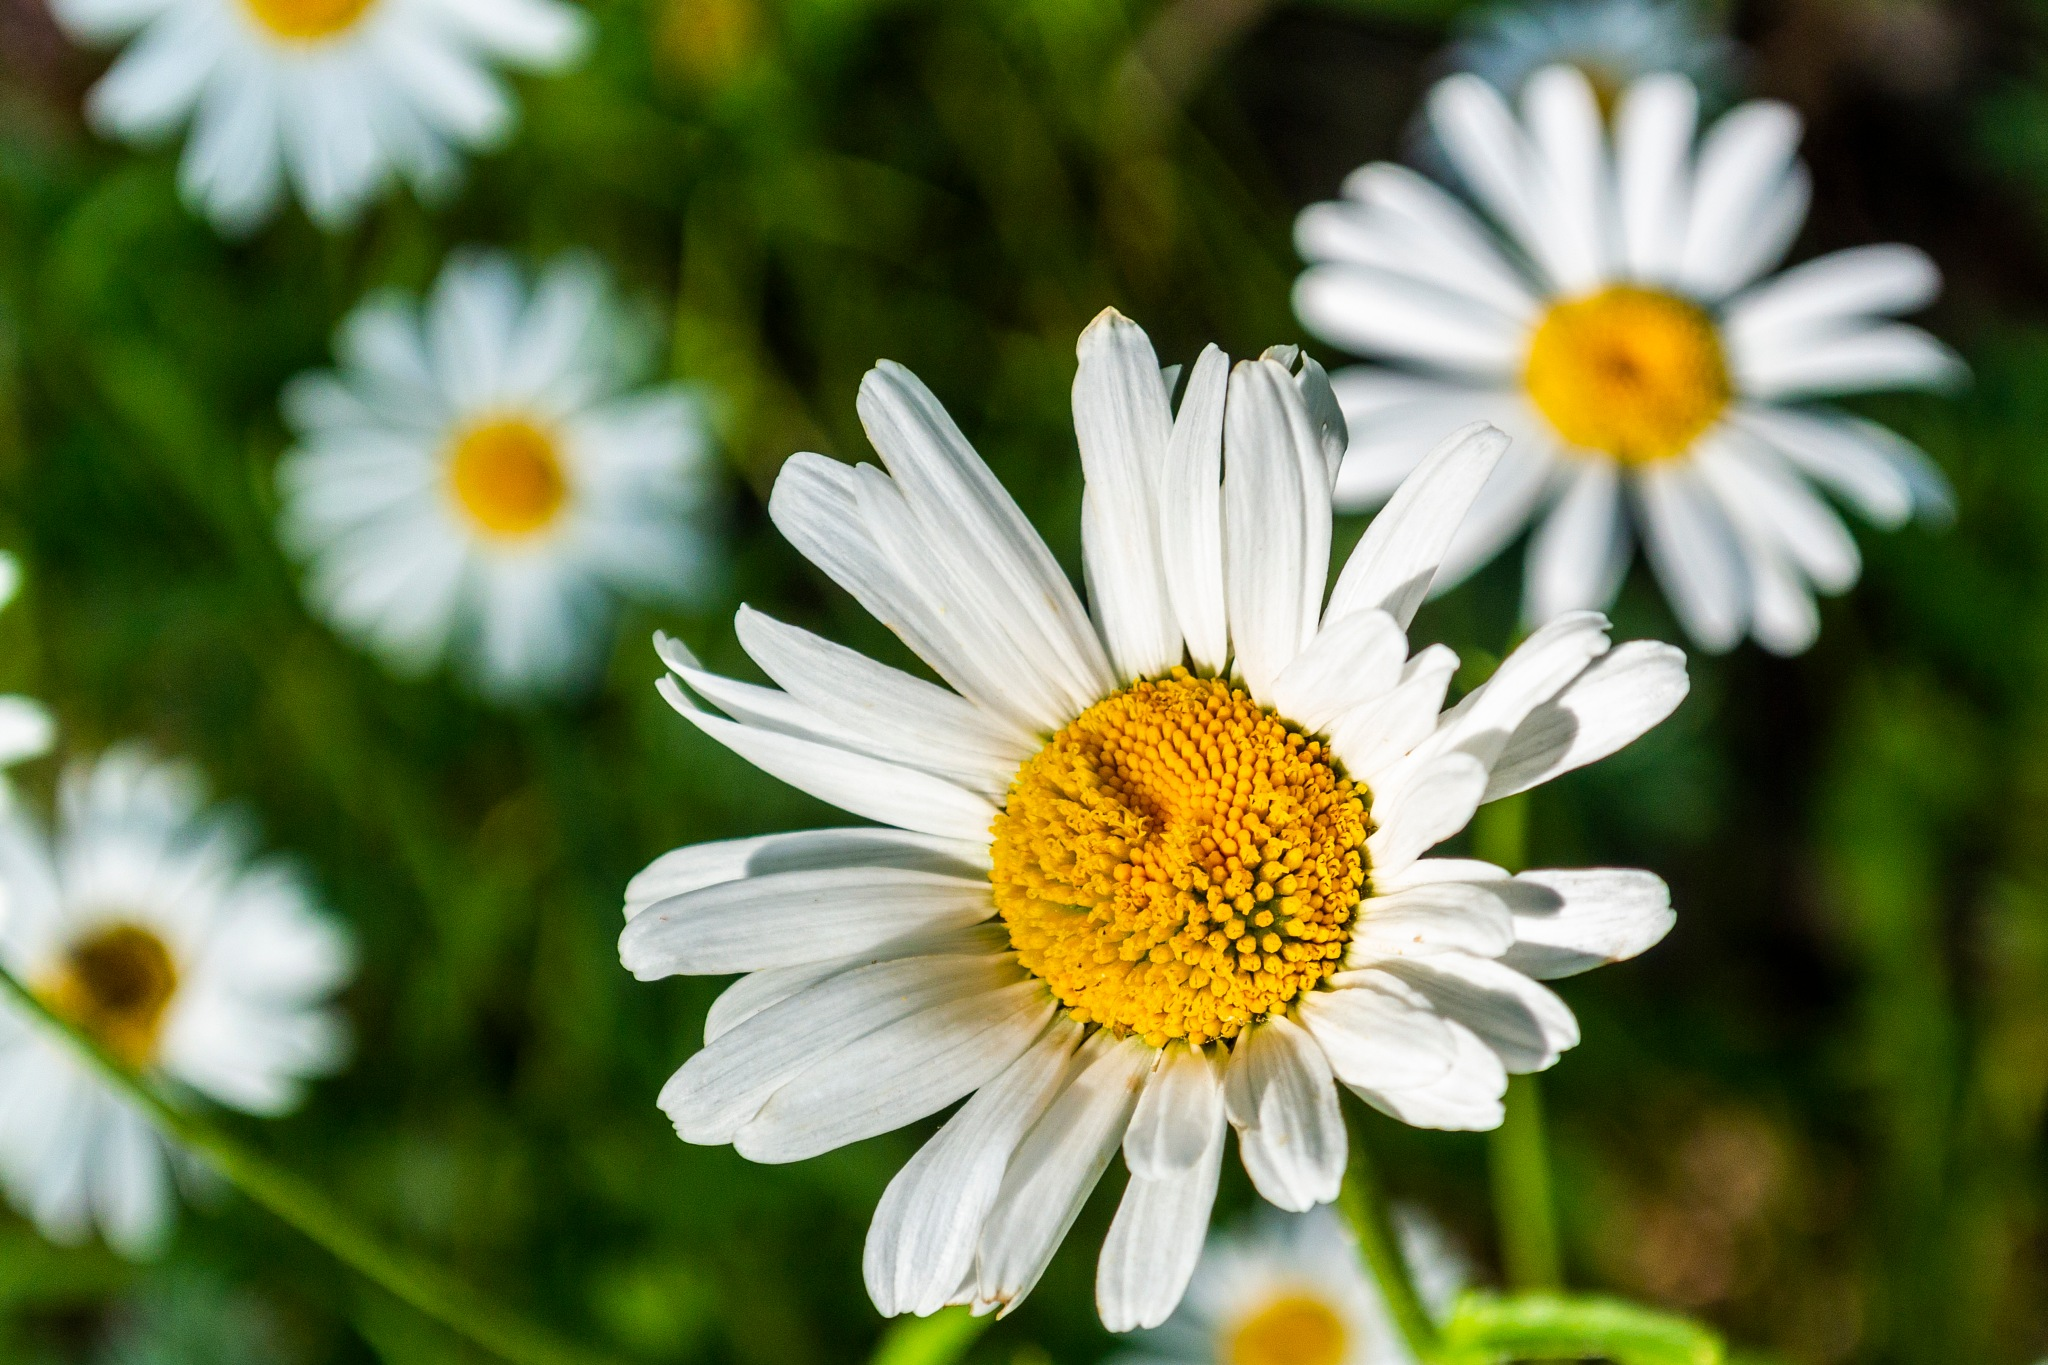 Daisy by carljan w carlsson